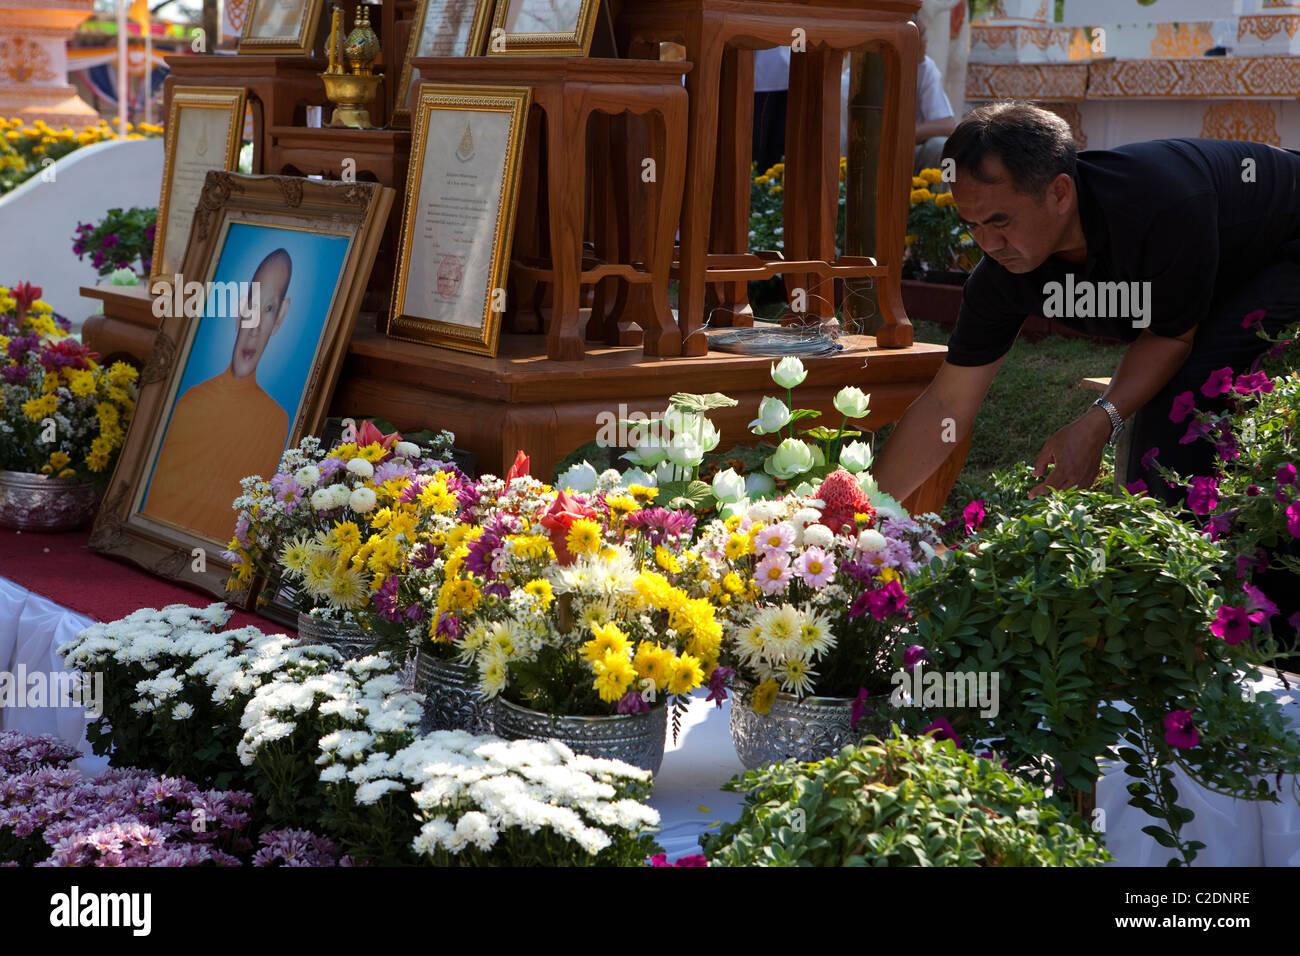 L Homme Volontaire Villageois Decorer Par Fleur Pour Krubakumbun